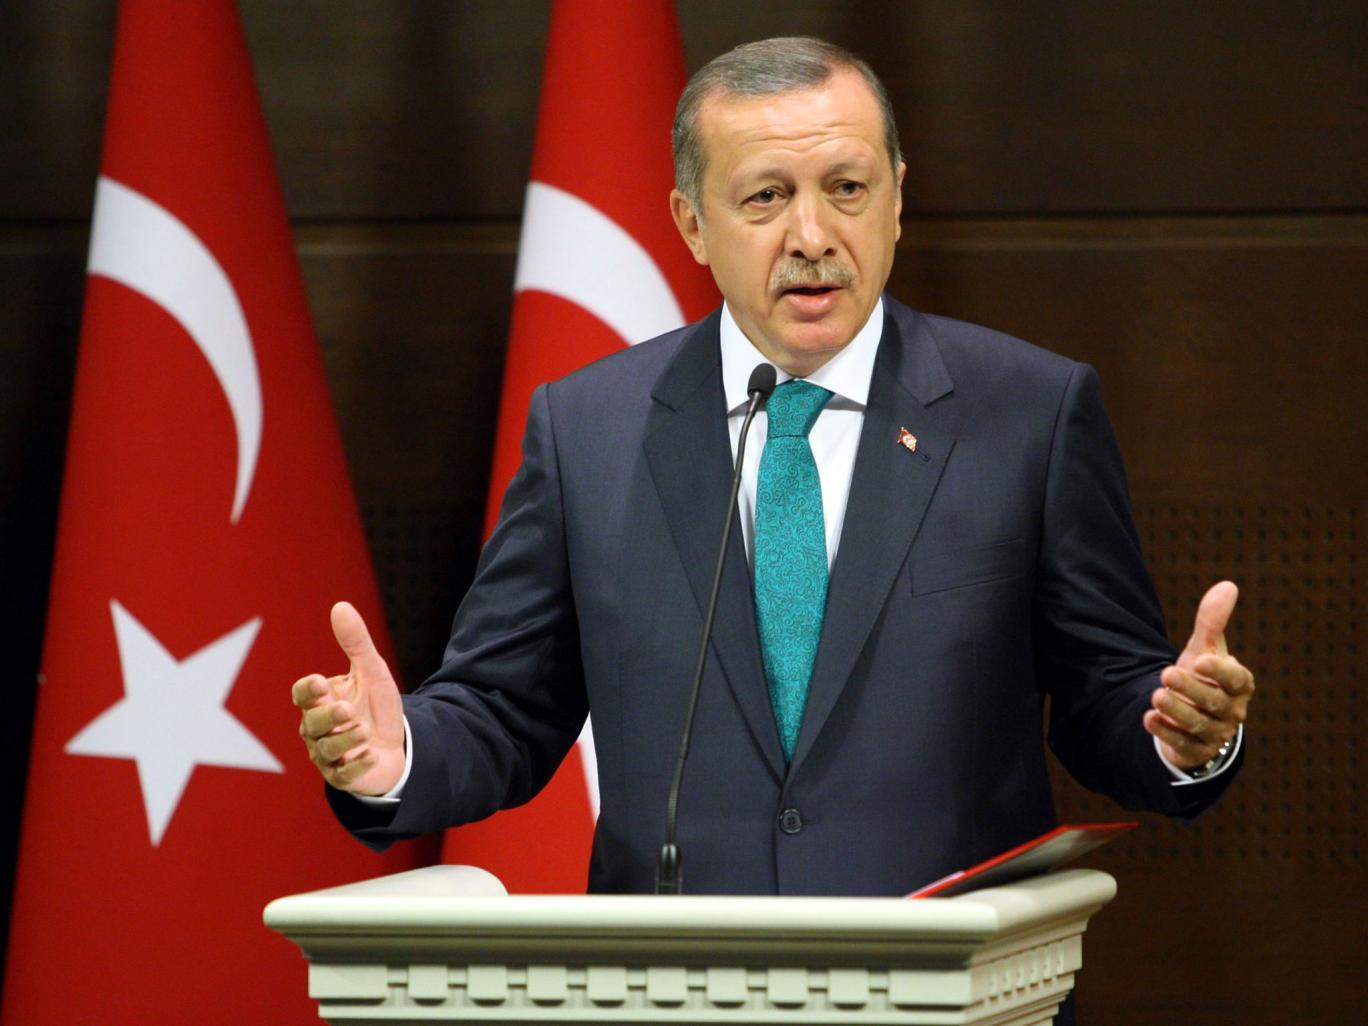 Domani elezioni politiche anticipate in Turchia